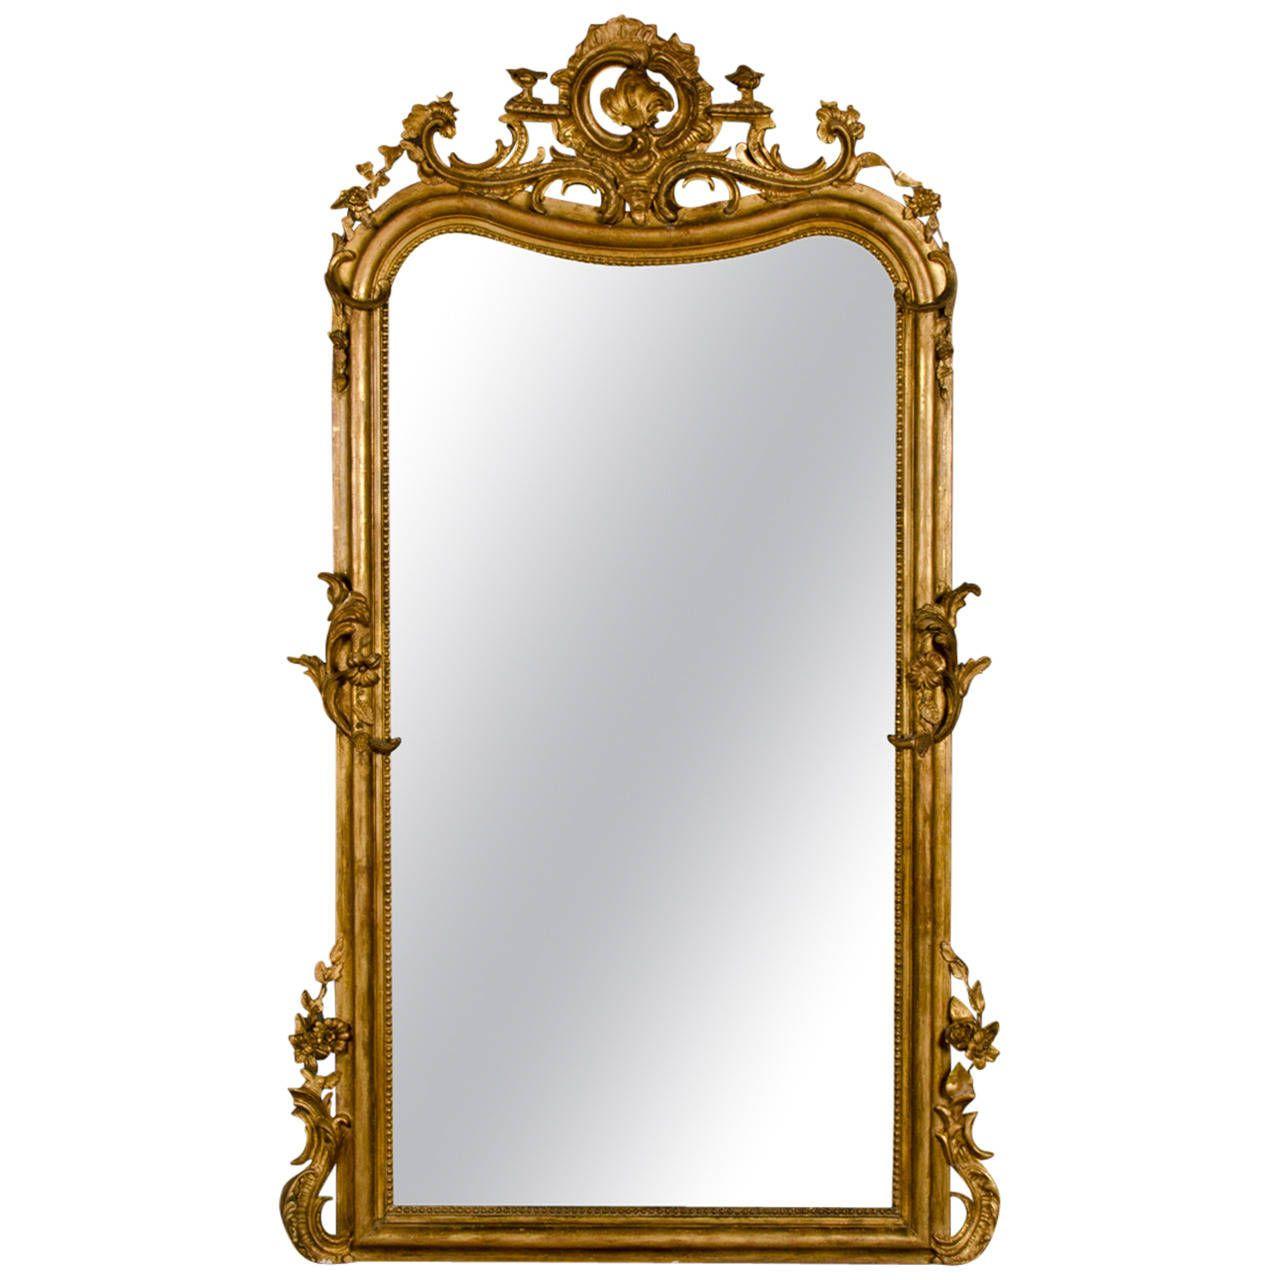 mirror gold frame. louis xv gold frame mirror, floral cartouche, france circa 1890 (43\ mirror a